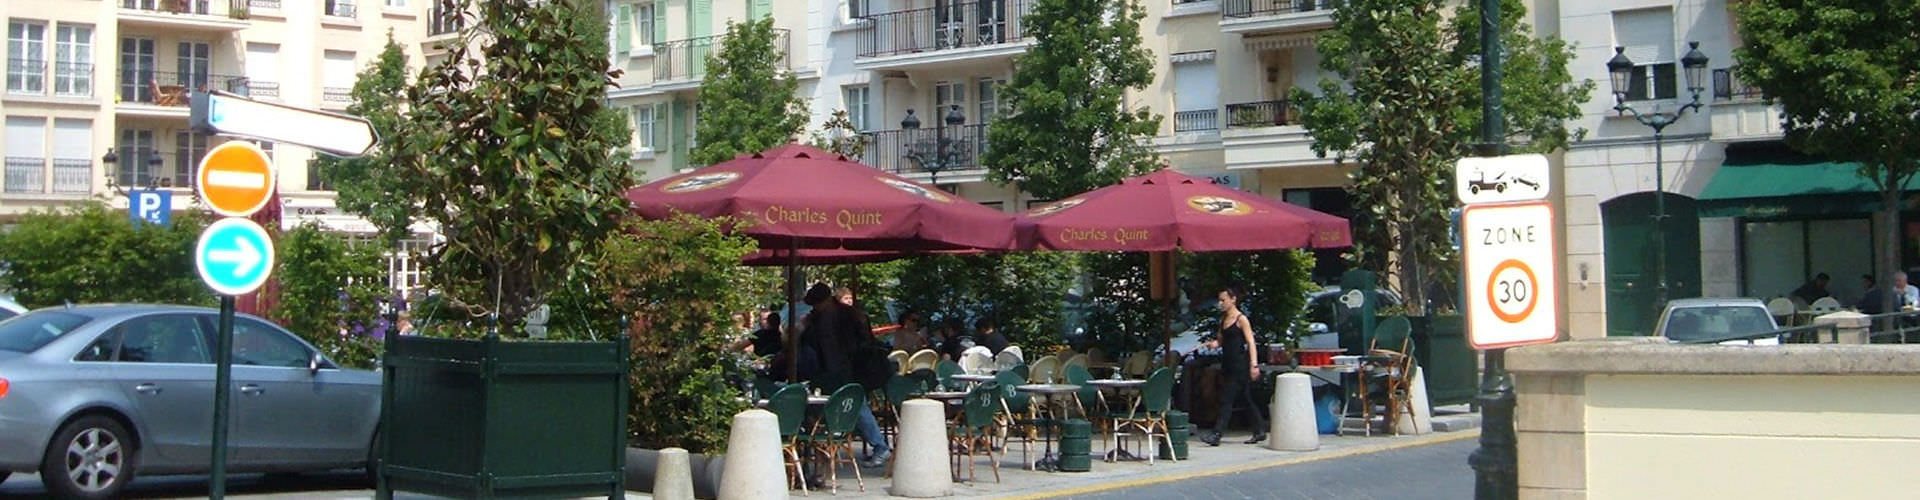 Nice – Albergues no bairro de Coração da Cidade . Mapas para Nice, Fotos e Avaliações para cada Albergue em Nice.